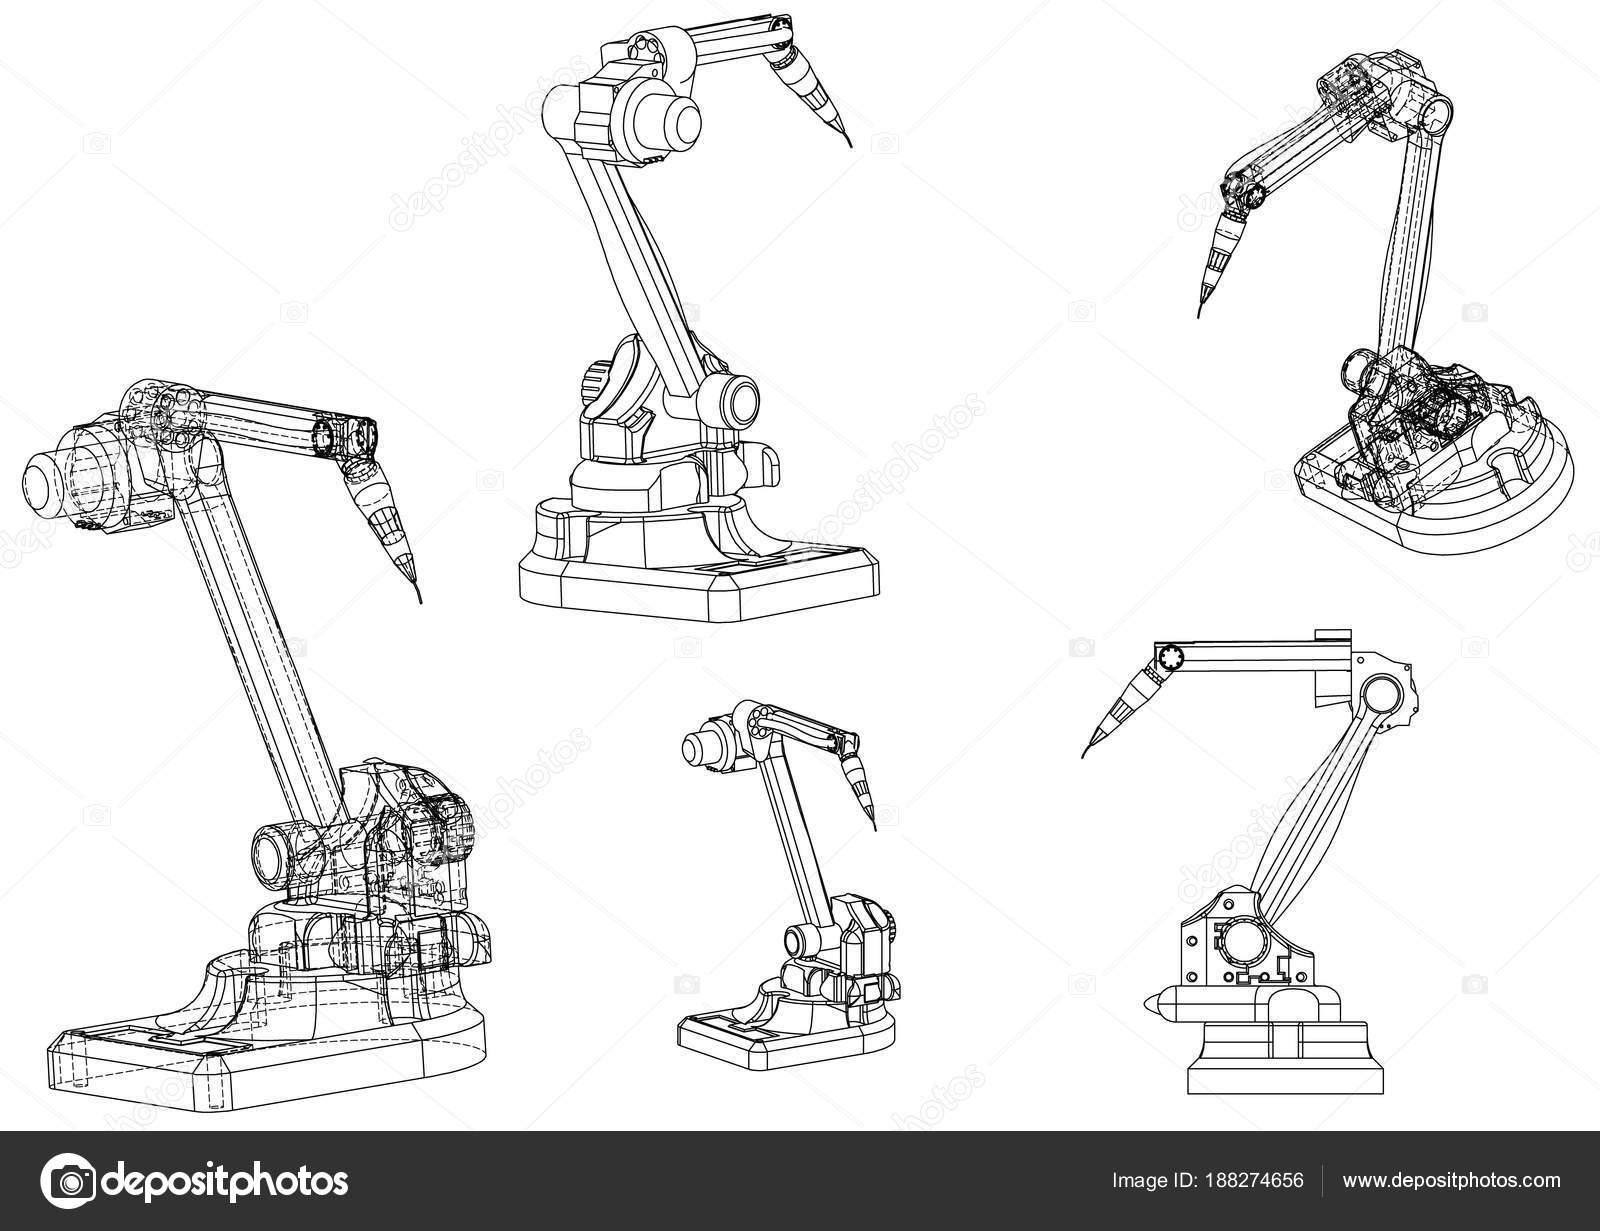 Modelo 3d De Um Robo De Solda